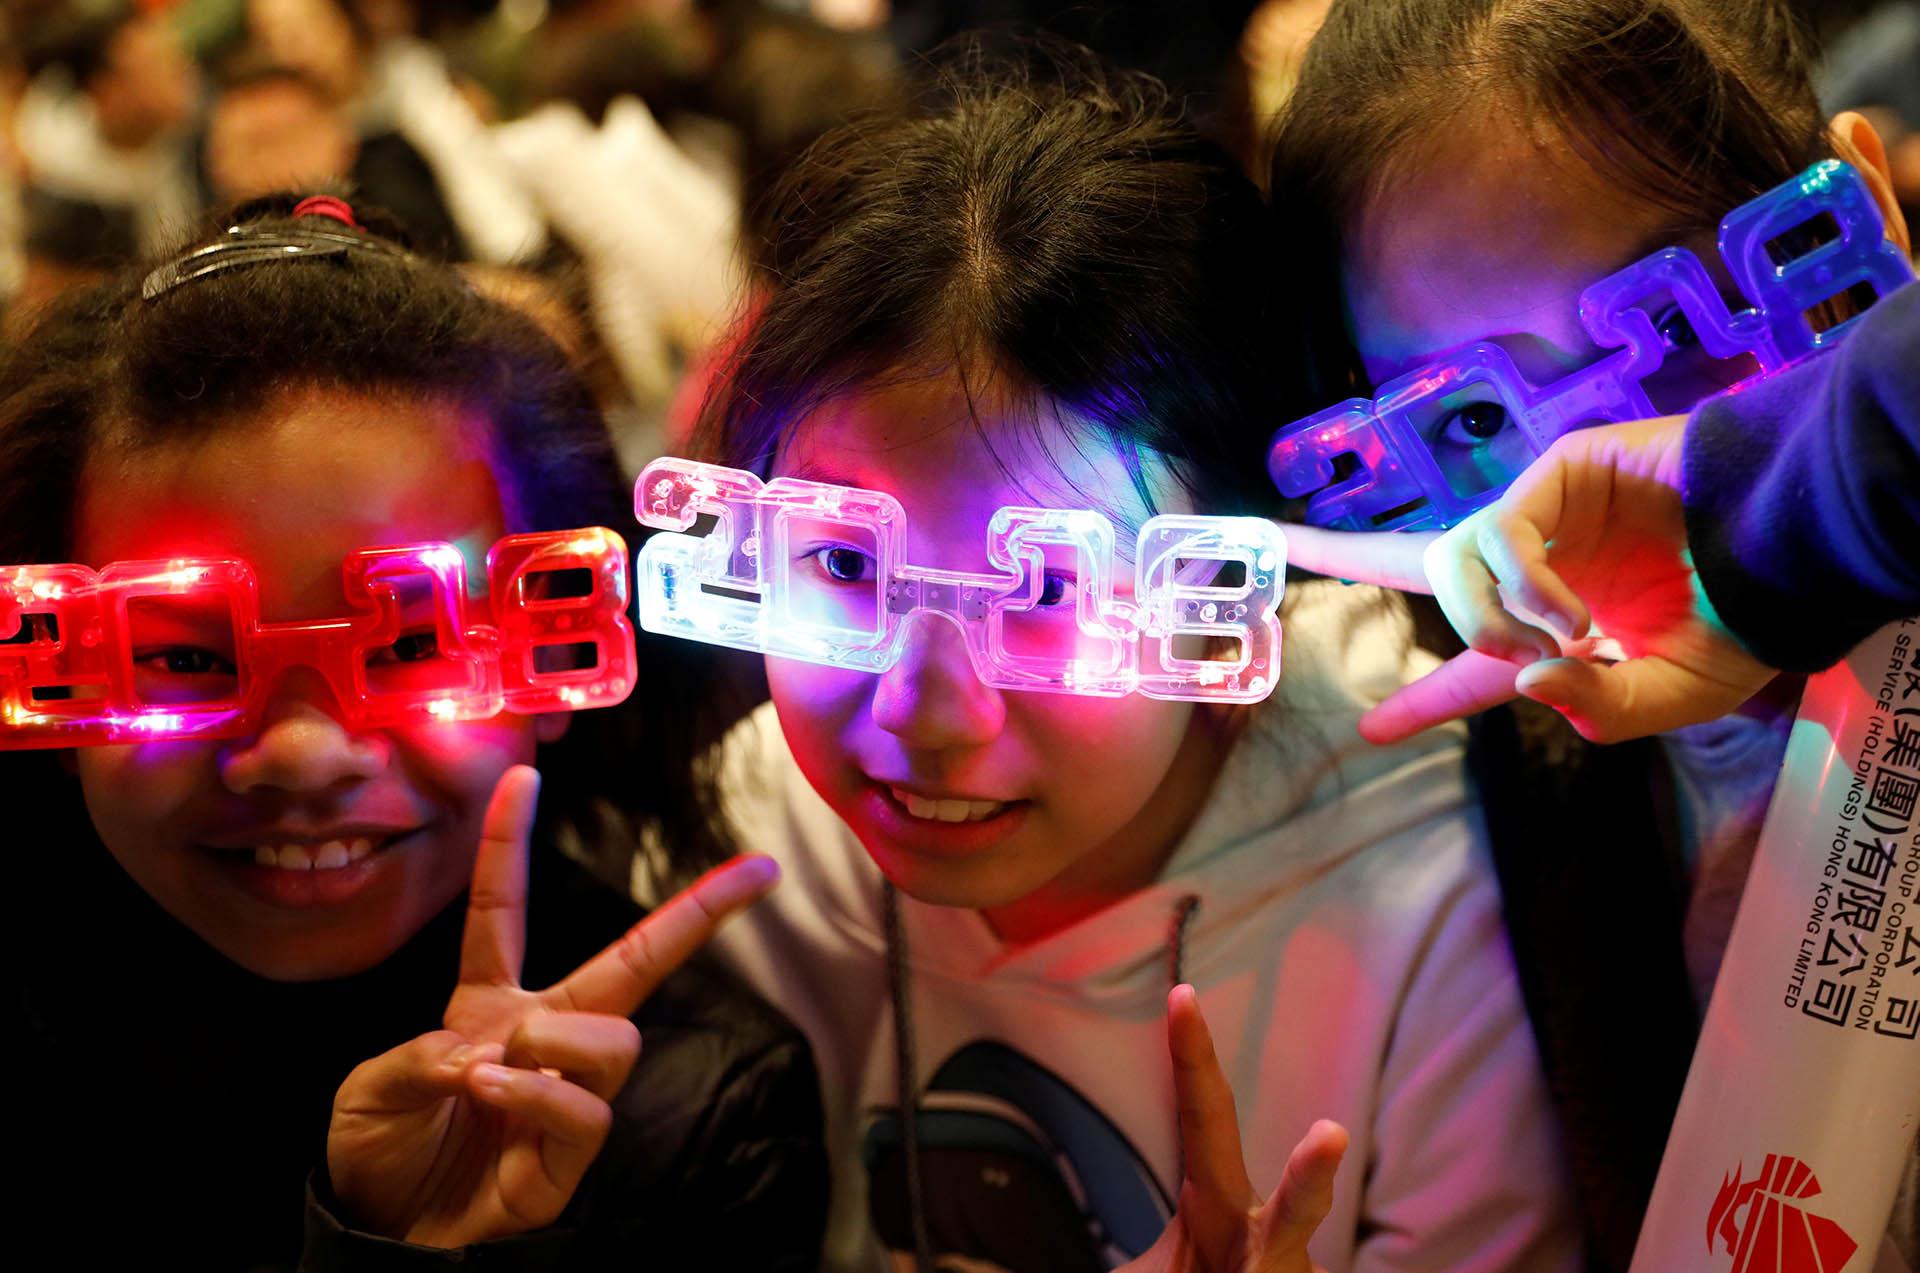 Niños visten gafas con el año que recibe el mundo, en Hong Kong